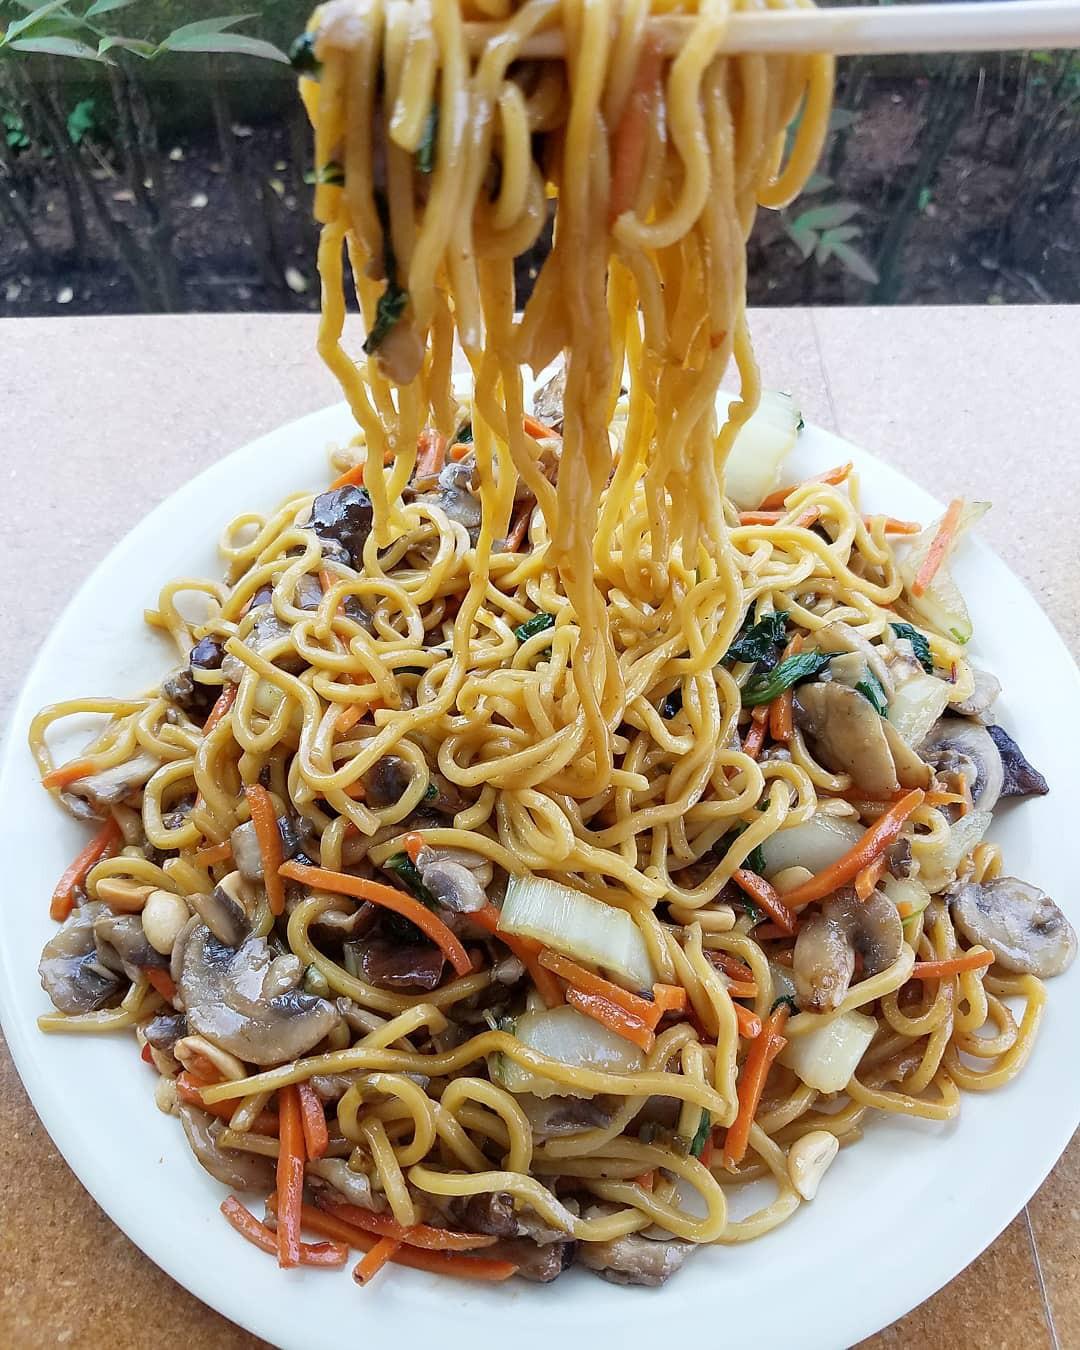 Khám phá ẩm thực đường phố Nhật Bản với những món ăn vặt nức tiếng không thể bỏ qua - Ảnh 22.